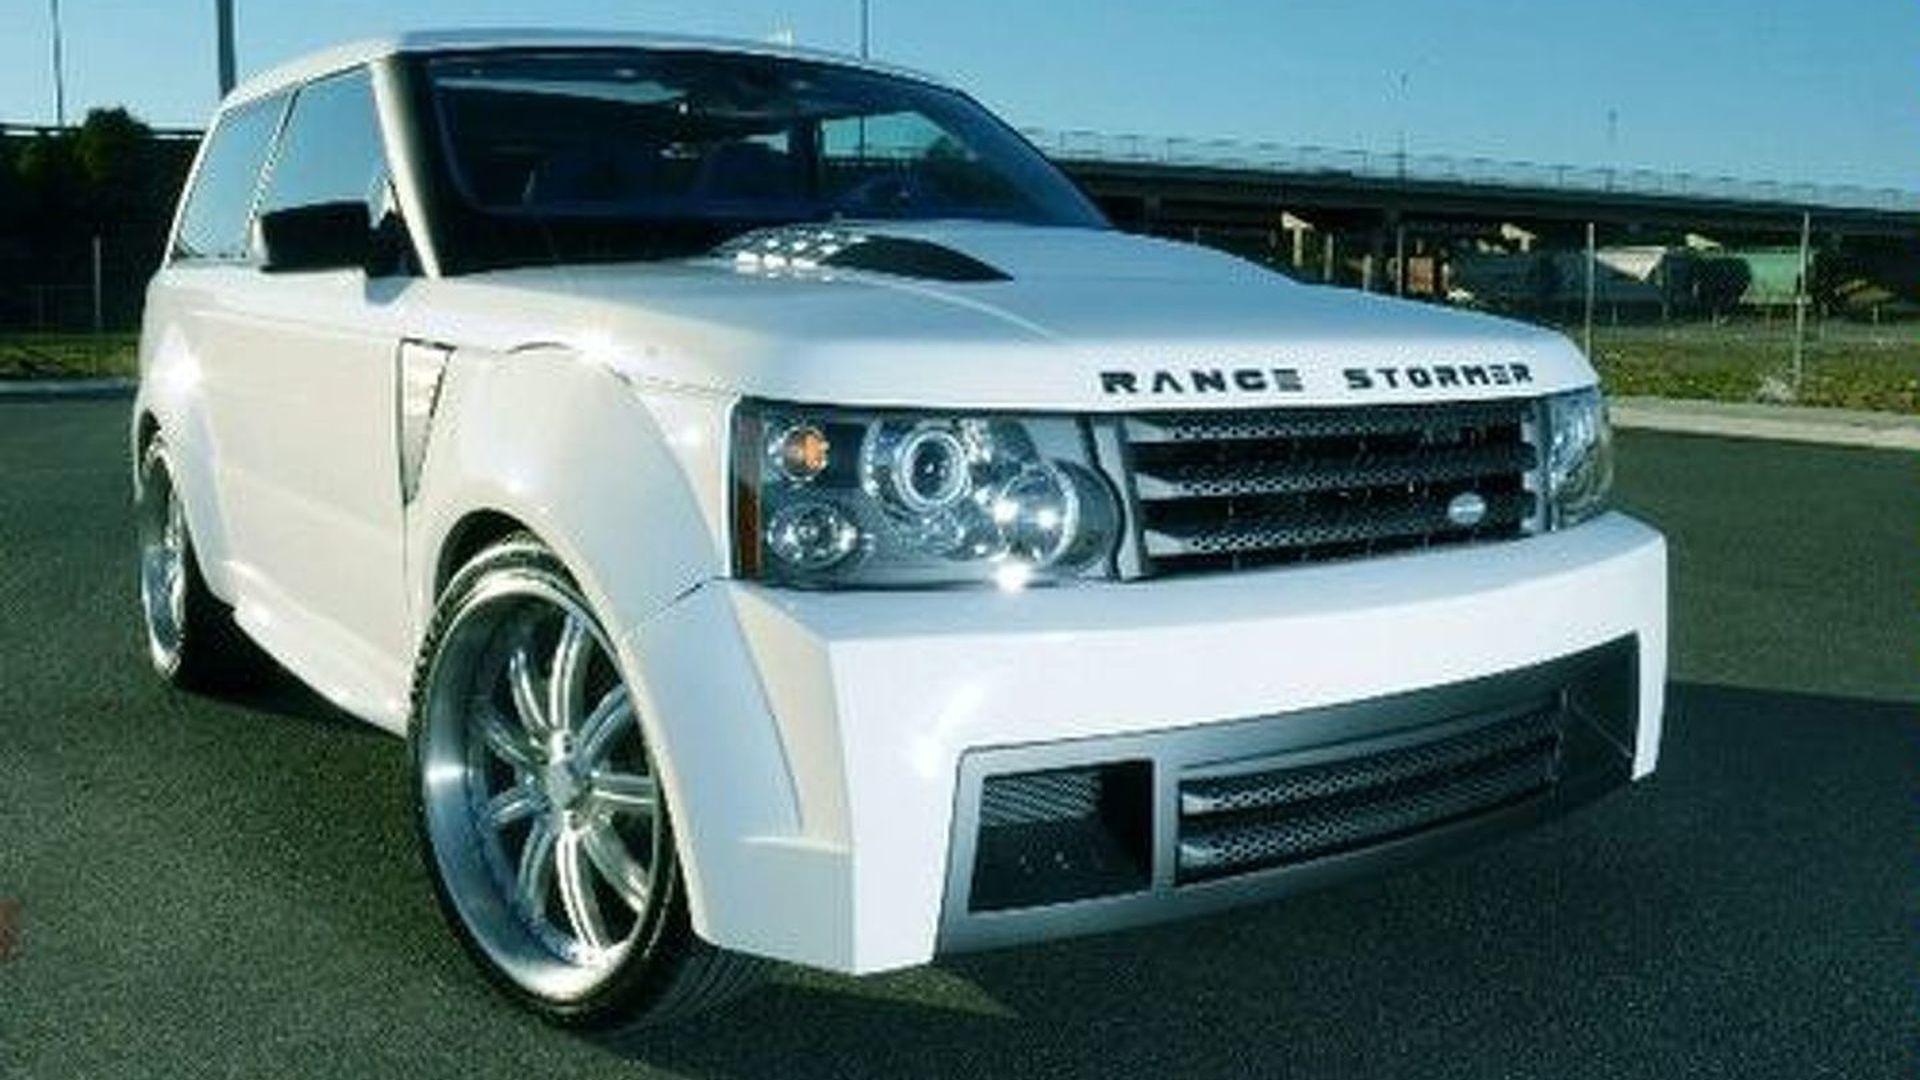 Range Rover Storm For Sale Dubai Has It For US$ 450 000